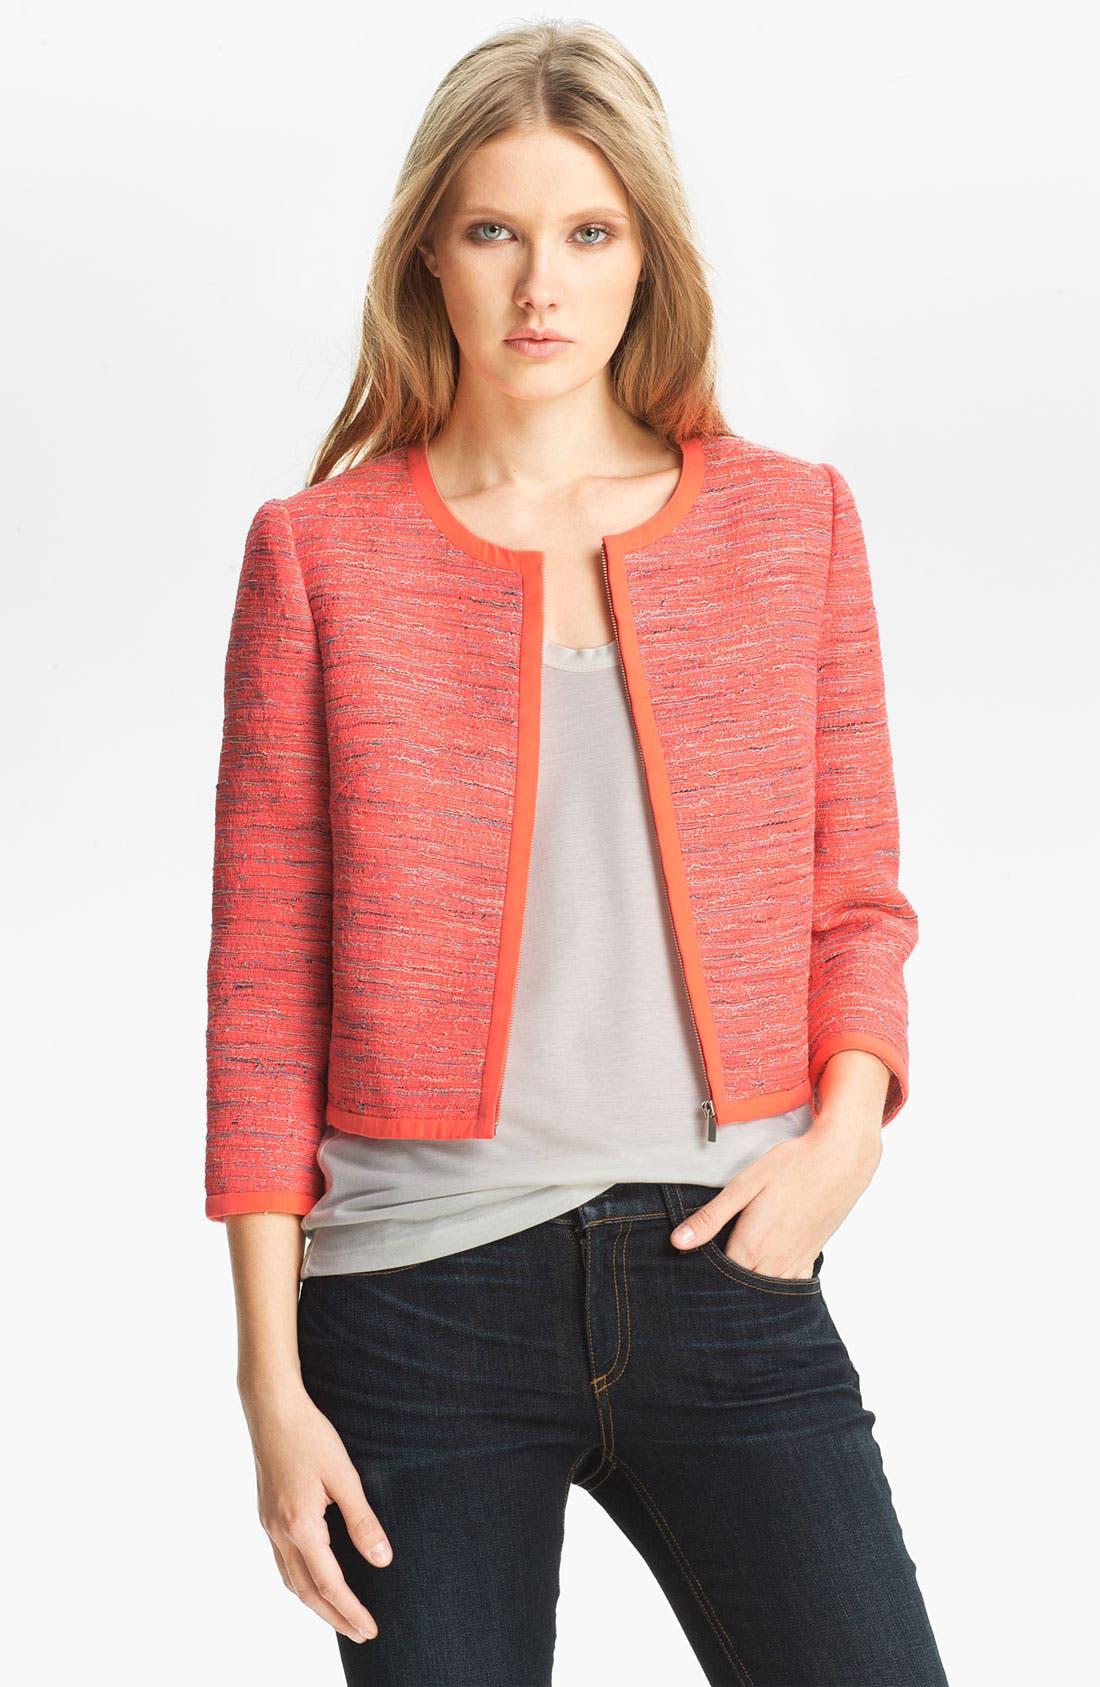 Alternate Image 1 Selected - Mcginn 'Phoenix' Tweed Jacket (Nordstrom Exclusive)